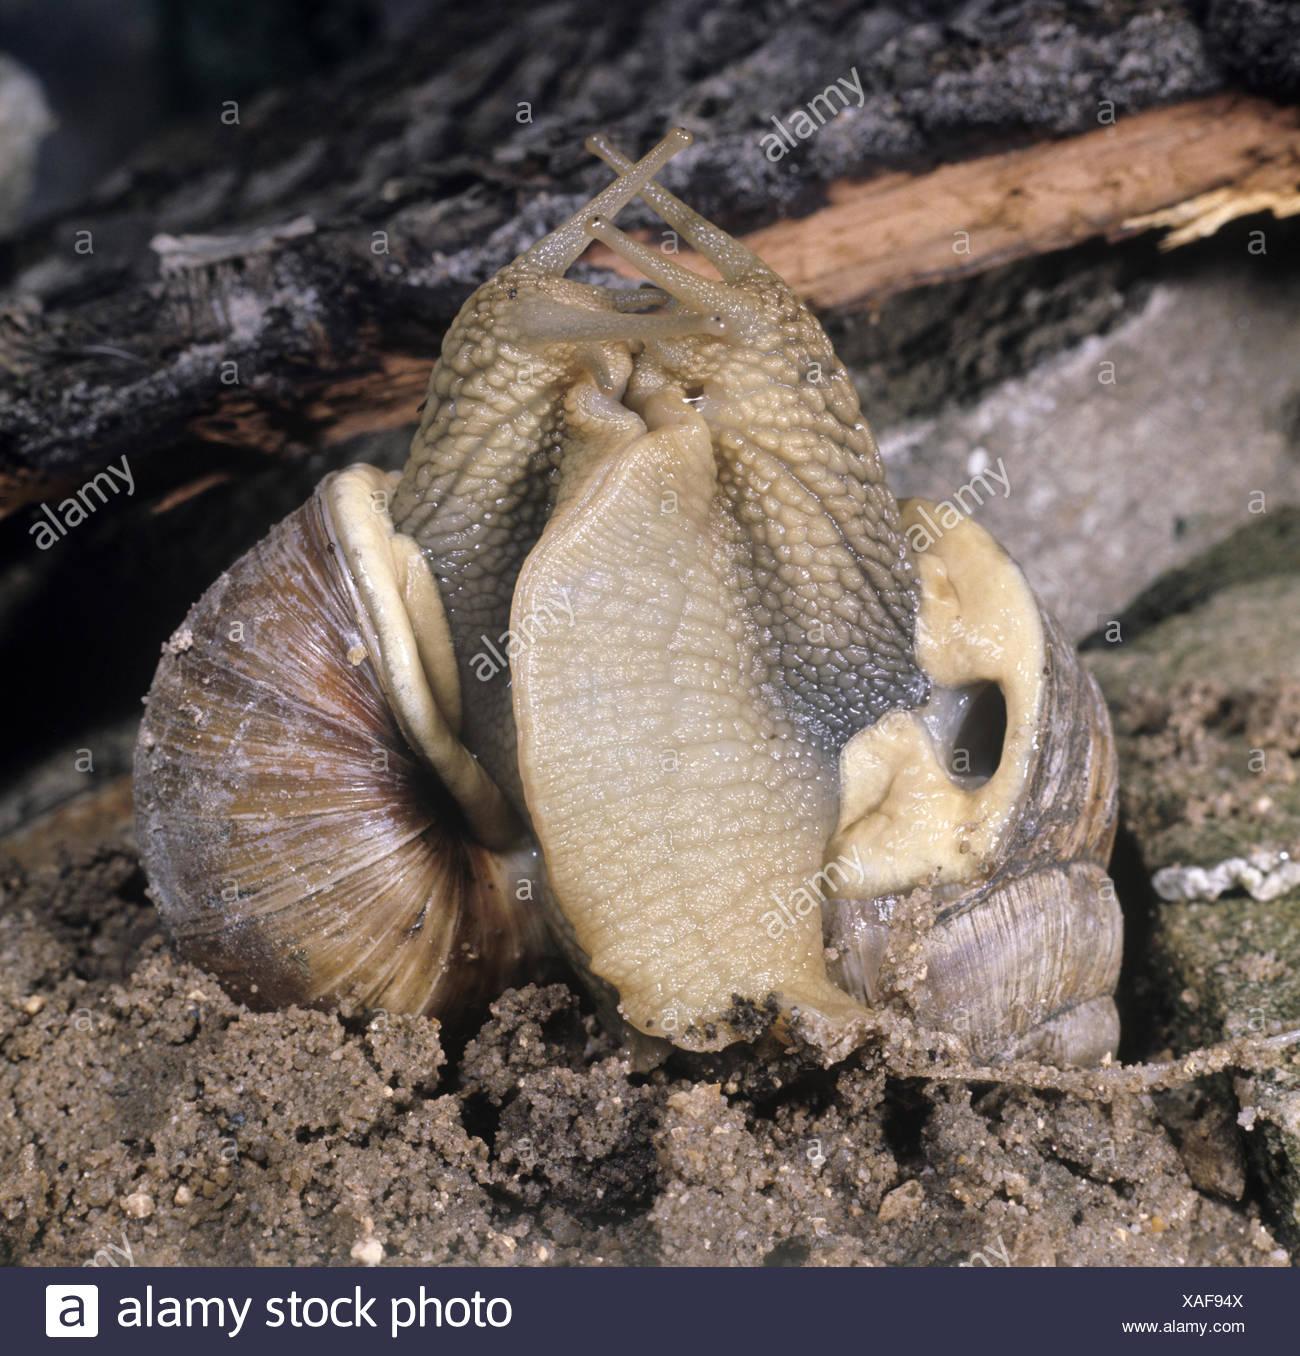 Roman Snail Courtship - Helix pomatia - Stock Image